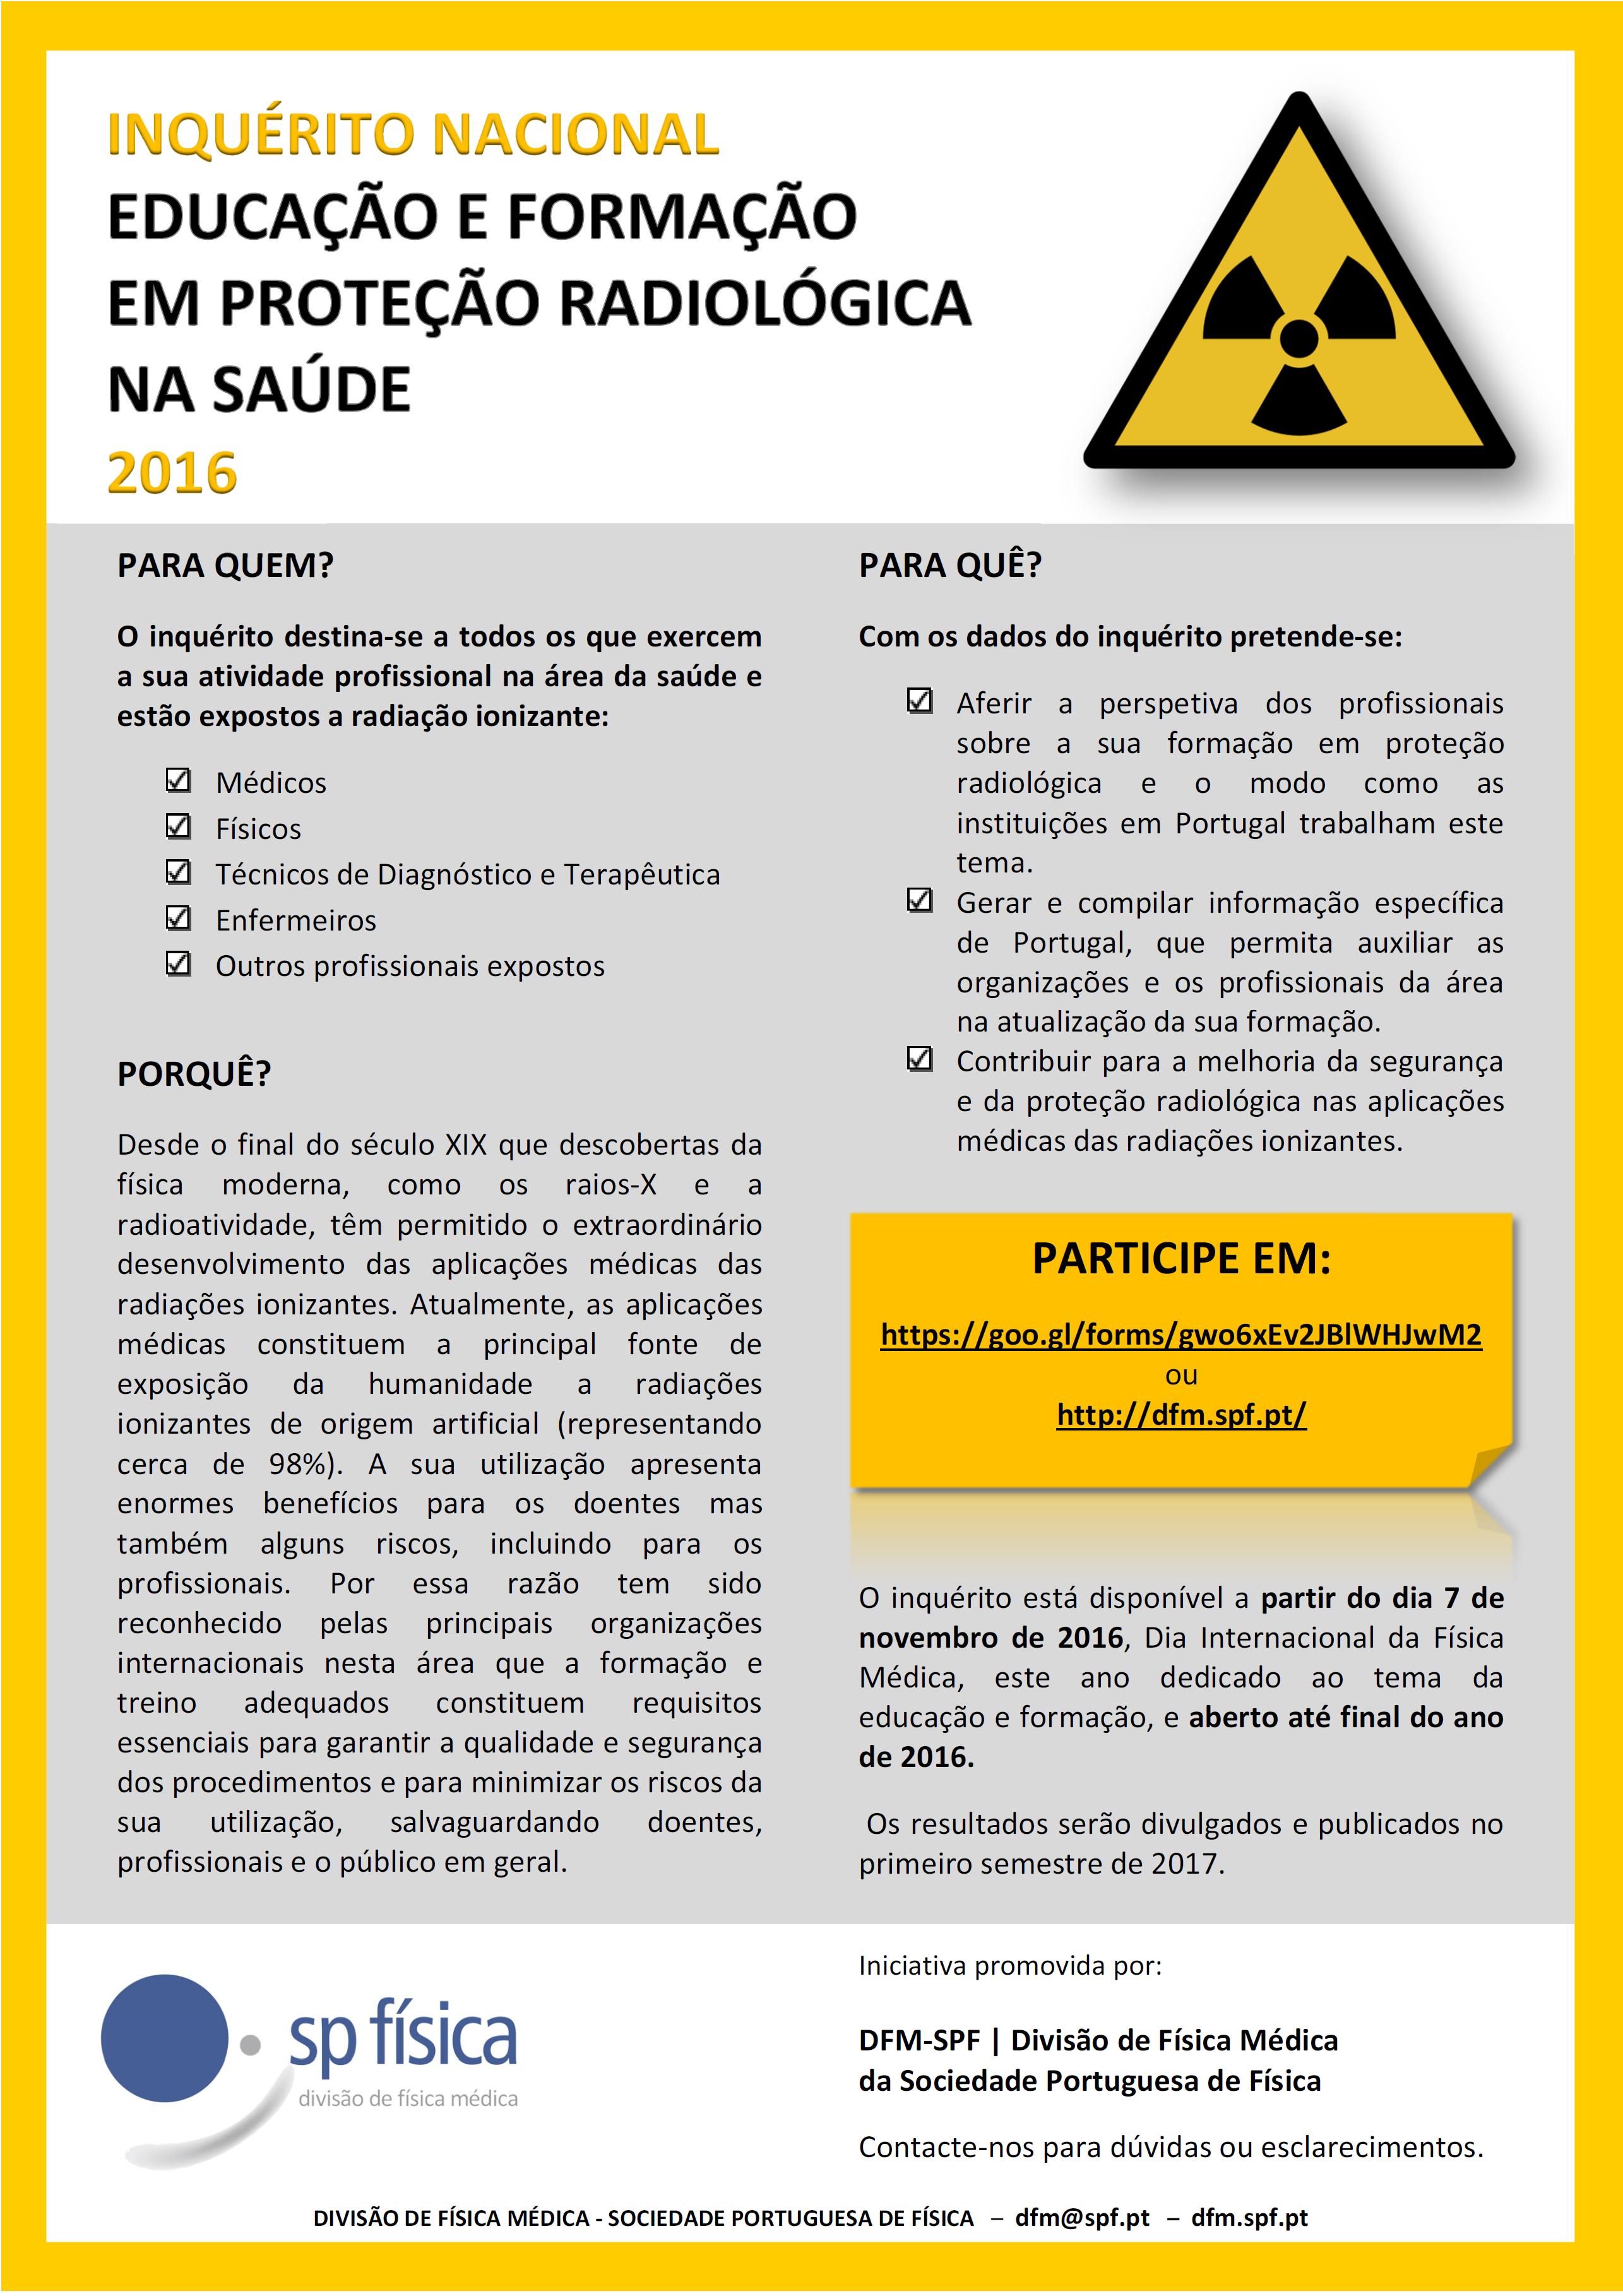 spf_inquerito_2016_poster